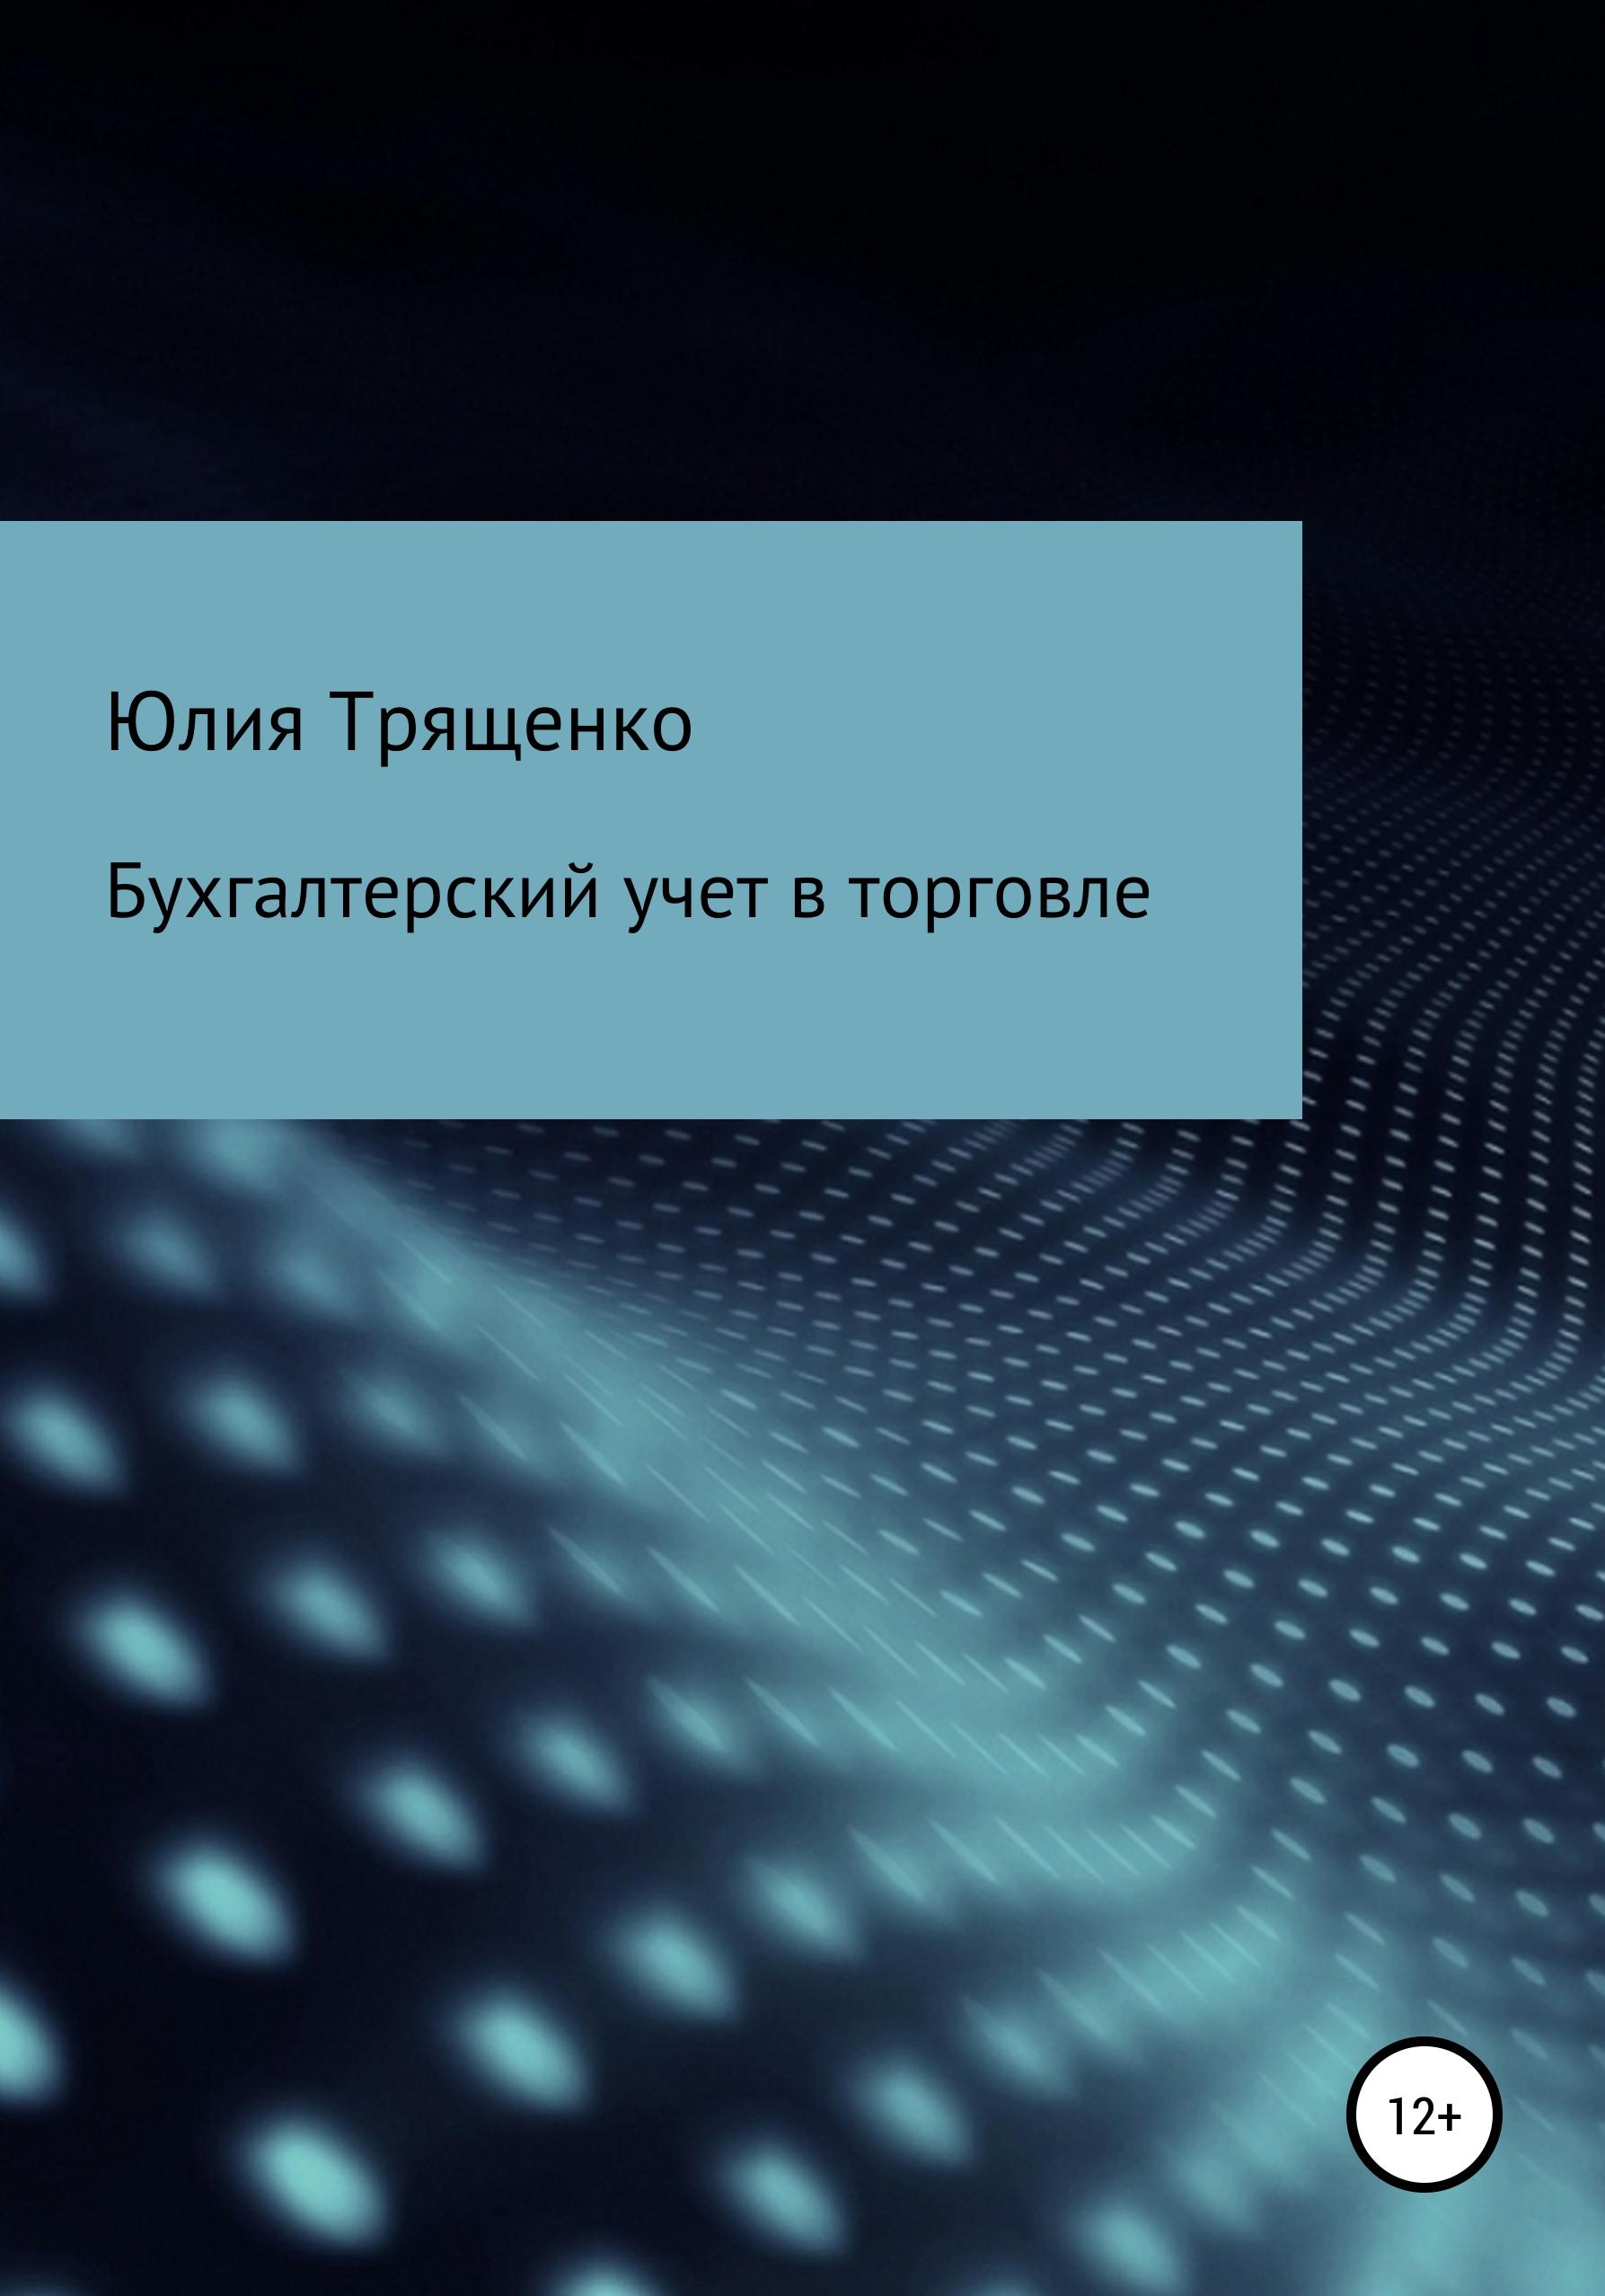 Юлия Трященко - Бухгалтерский учет в торговле